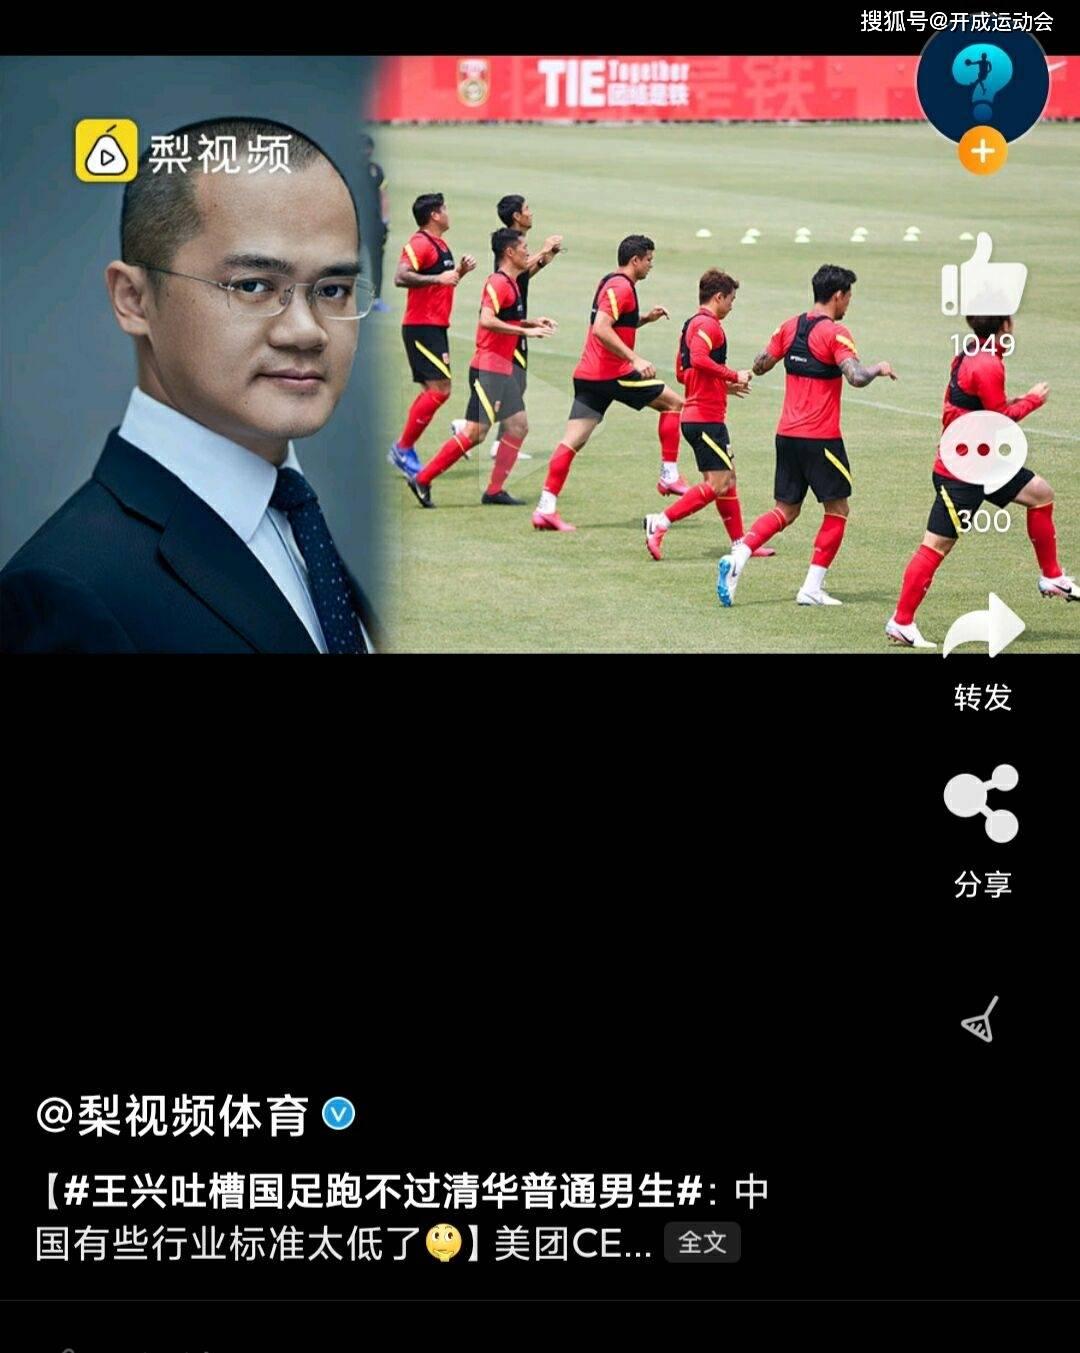 美团CEO吐槽:国足跑不过清华普通男生!黄健翔回应:门外汉